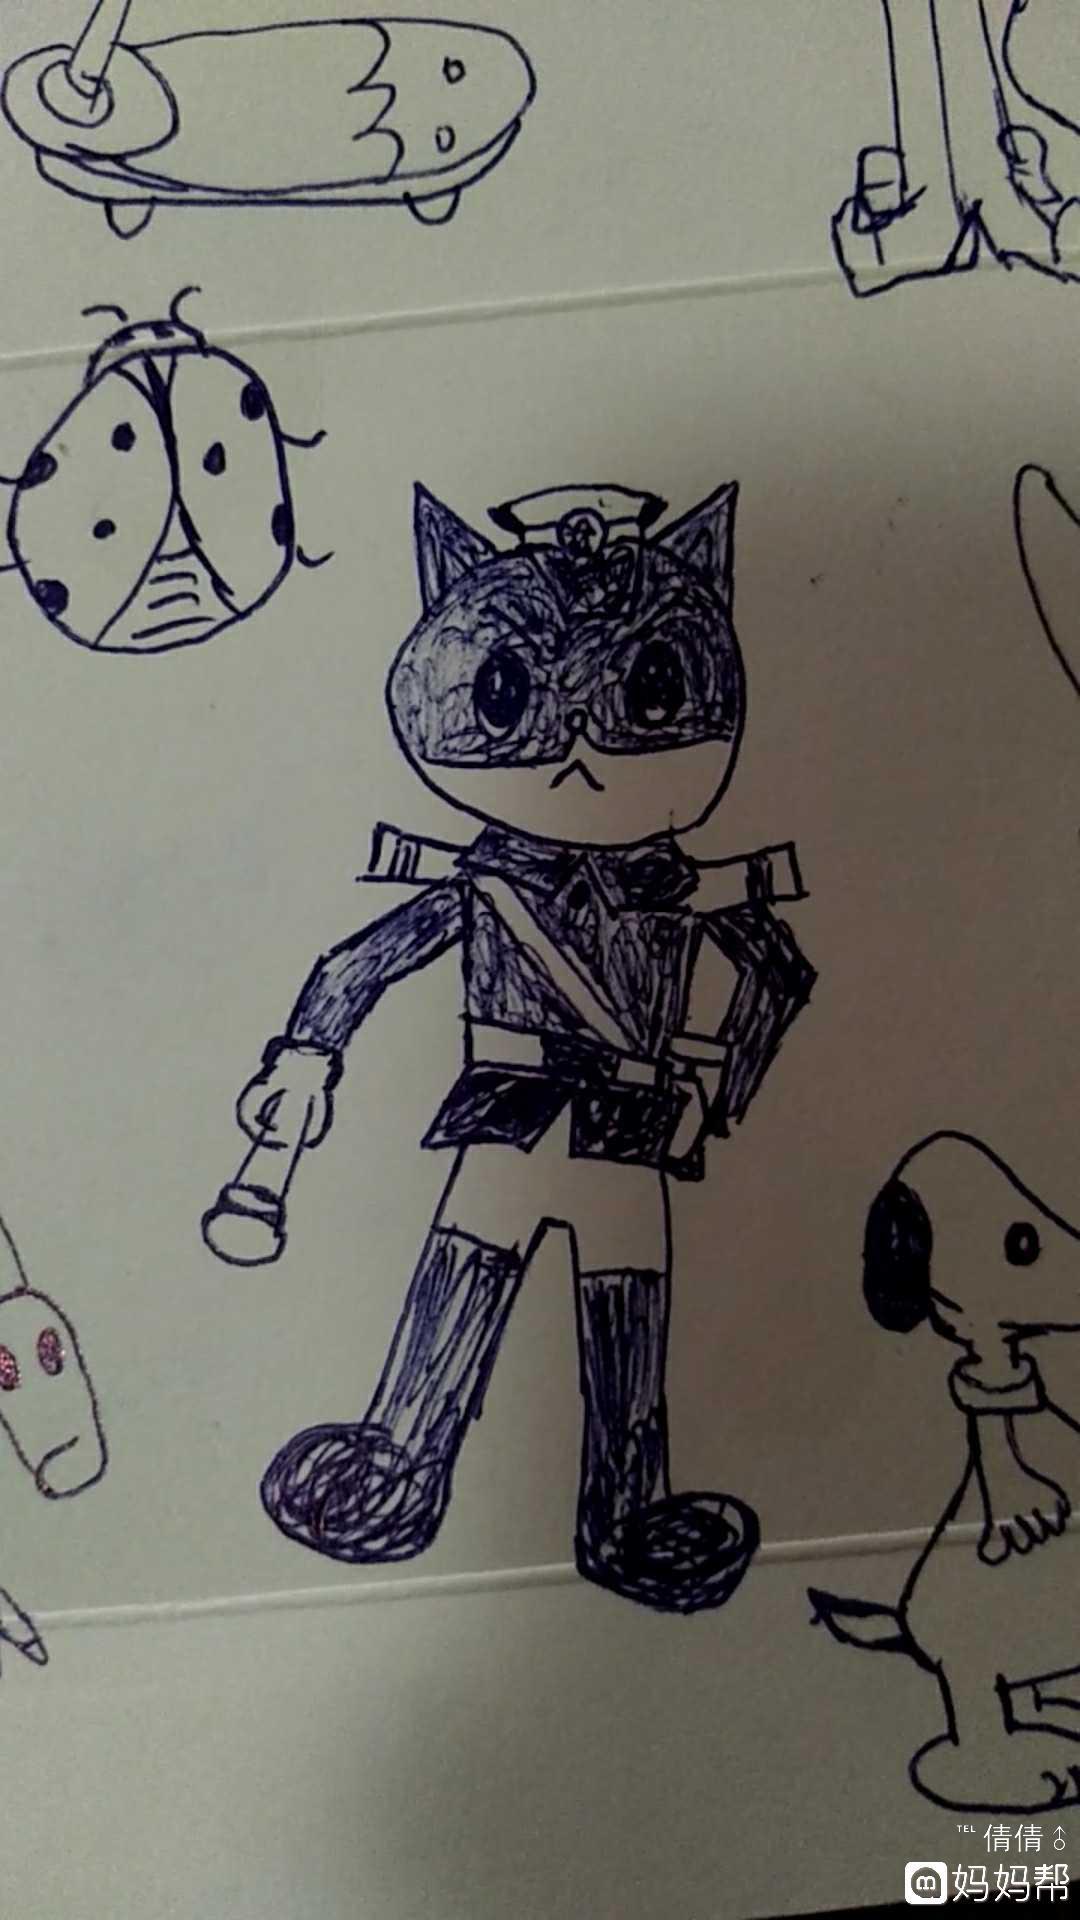 在抖音学的简笔画,除了黑猫警长不是